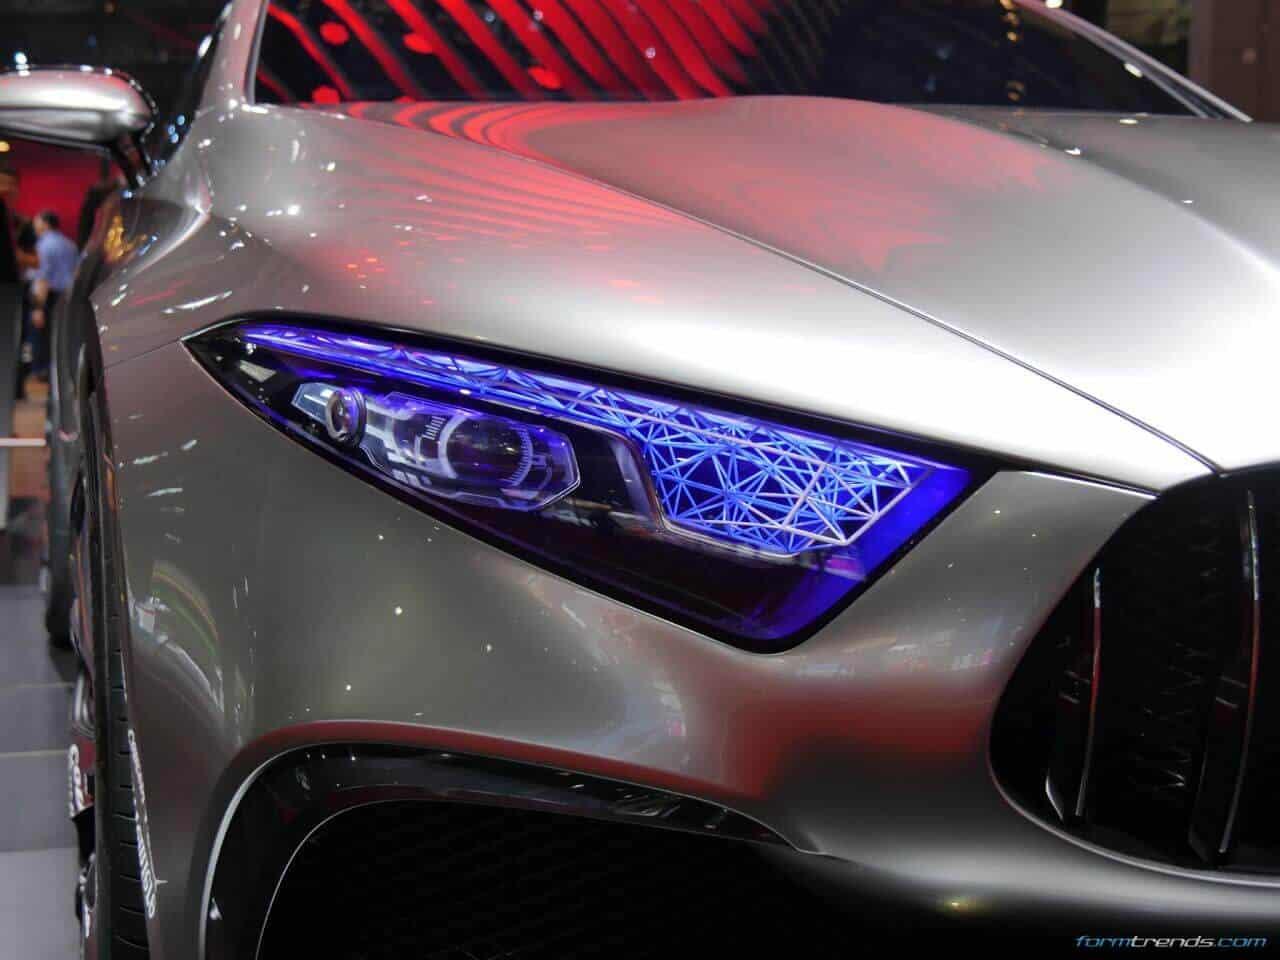 https://www.formtrends.com/wp-content/uploads/2017/04/mercedes-benz_concept-a-sedan_11.jpg